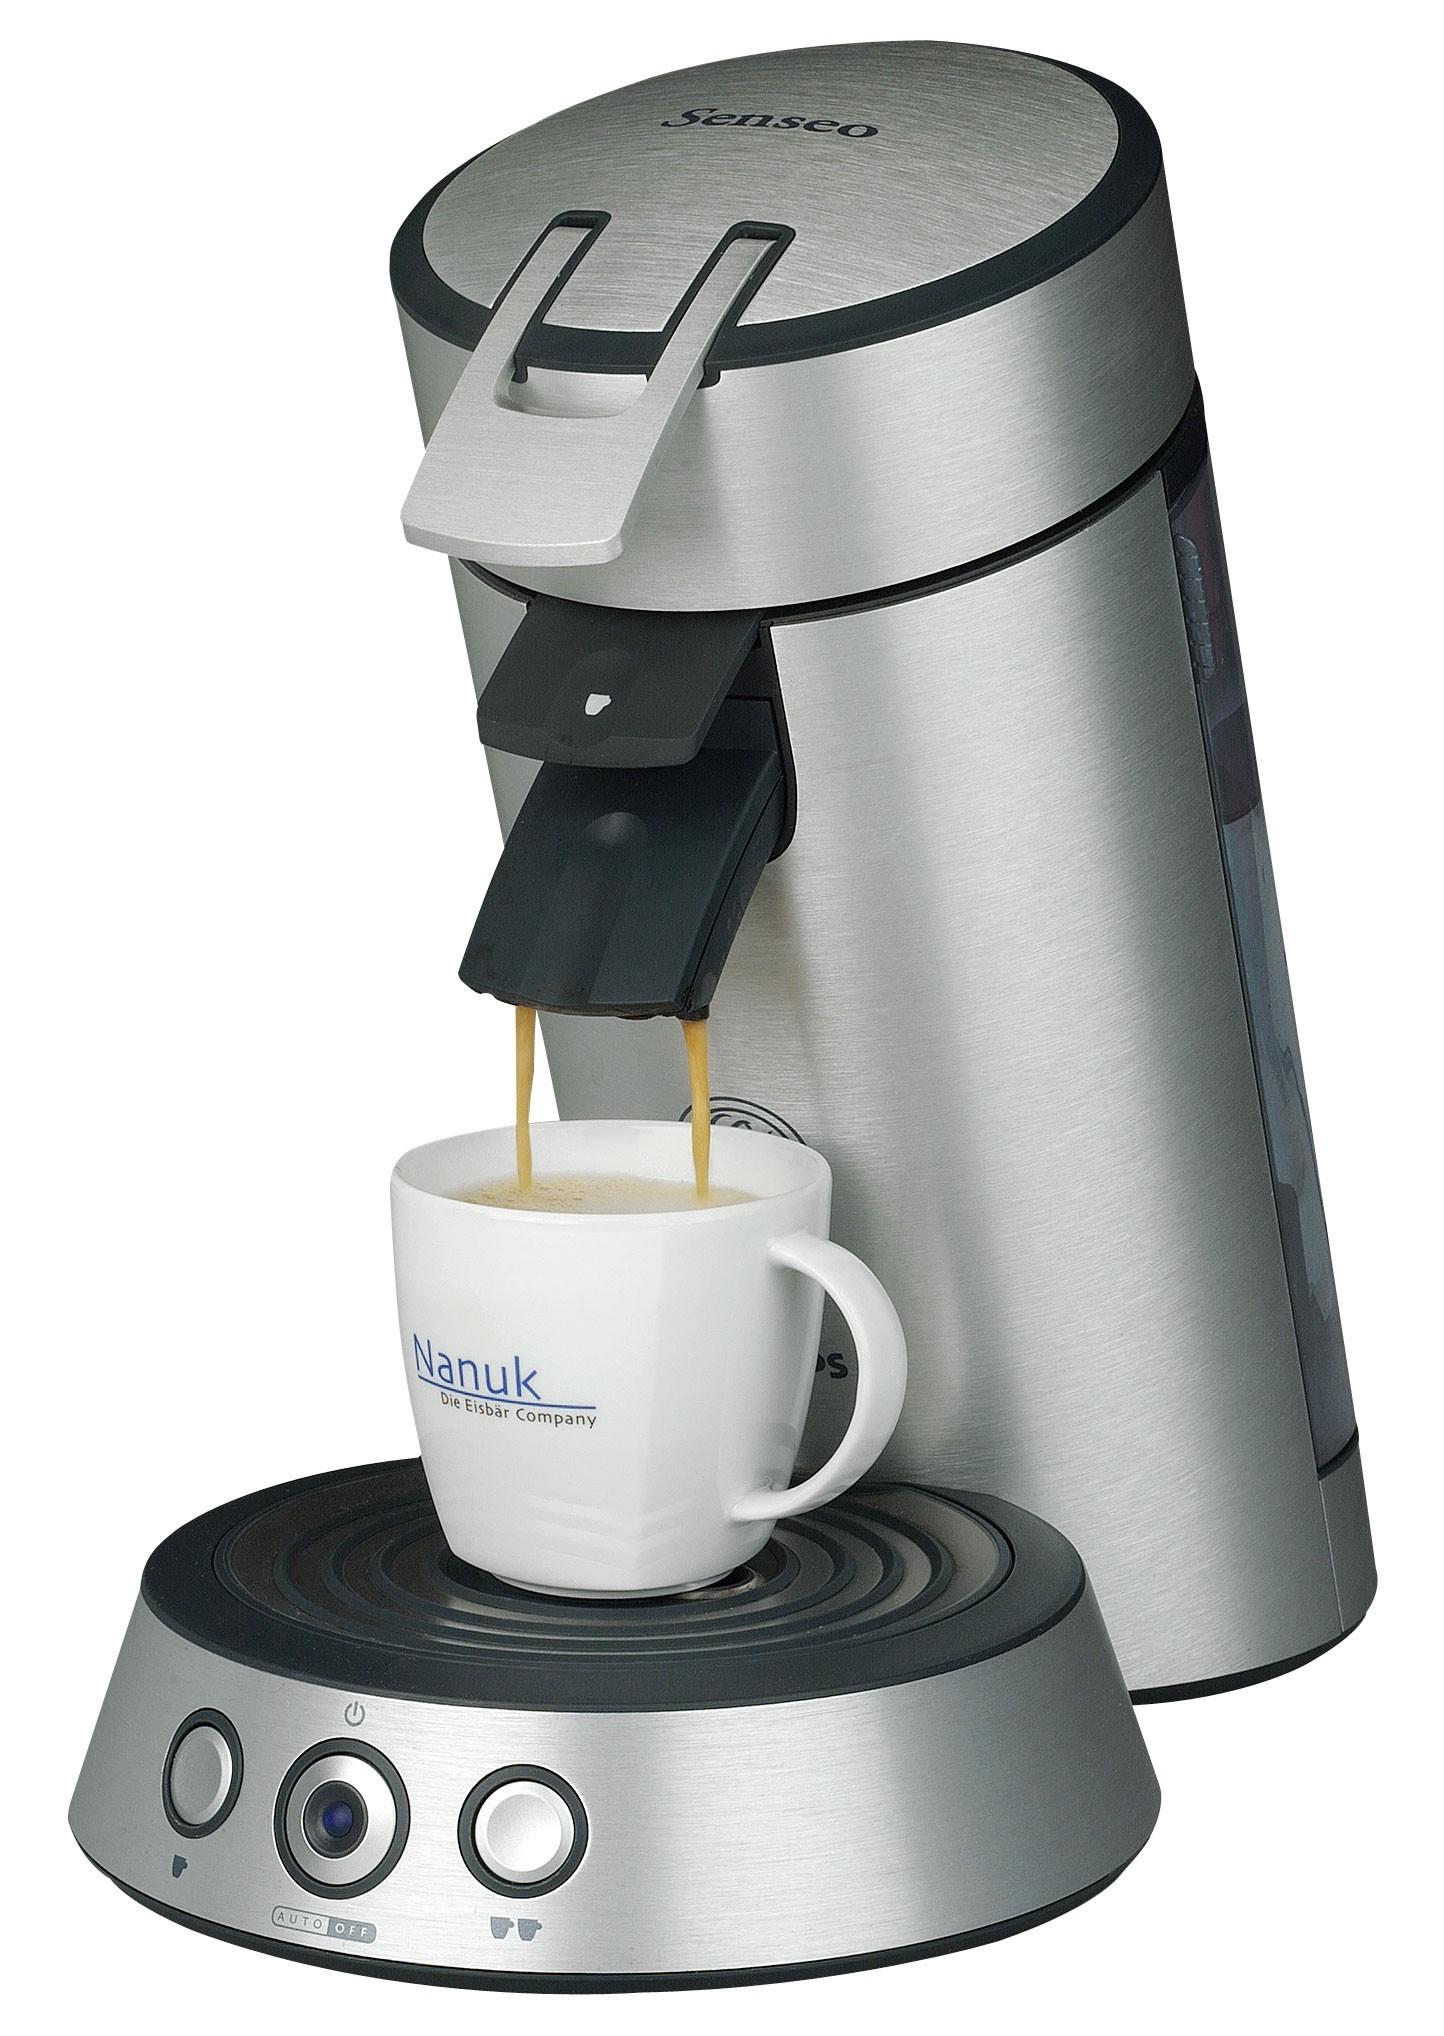 Mug publicitaire Maxim café en promotion